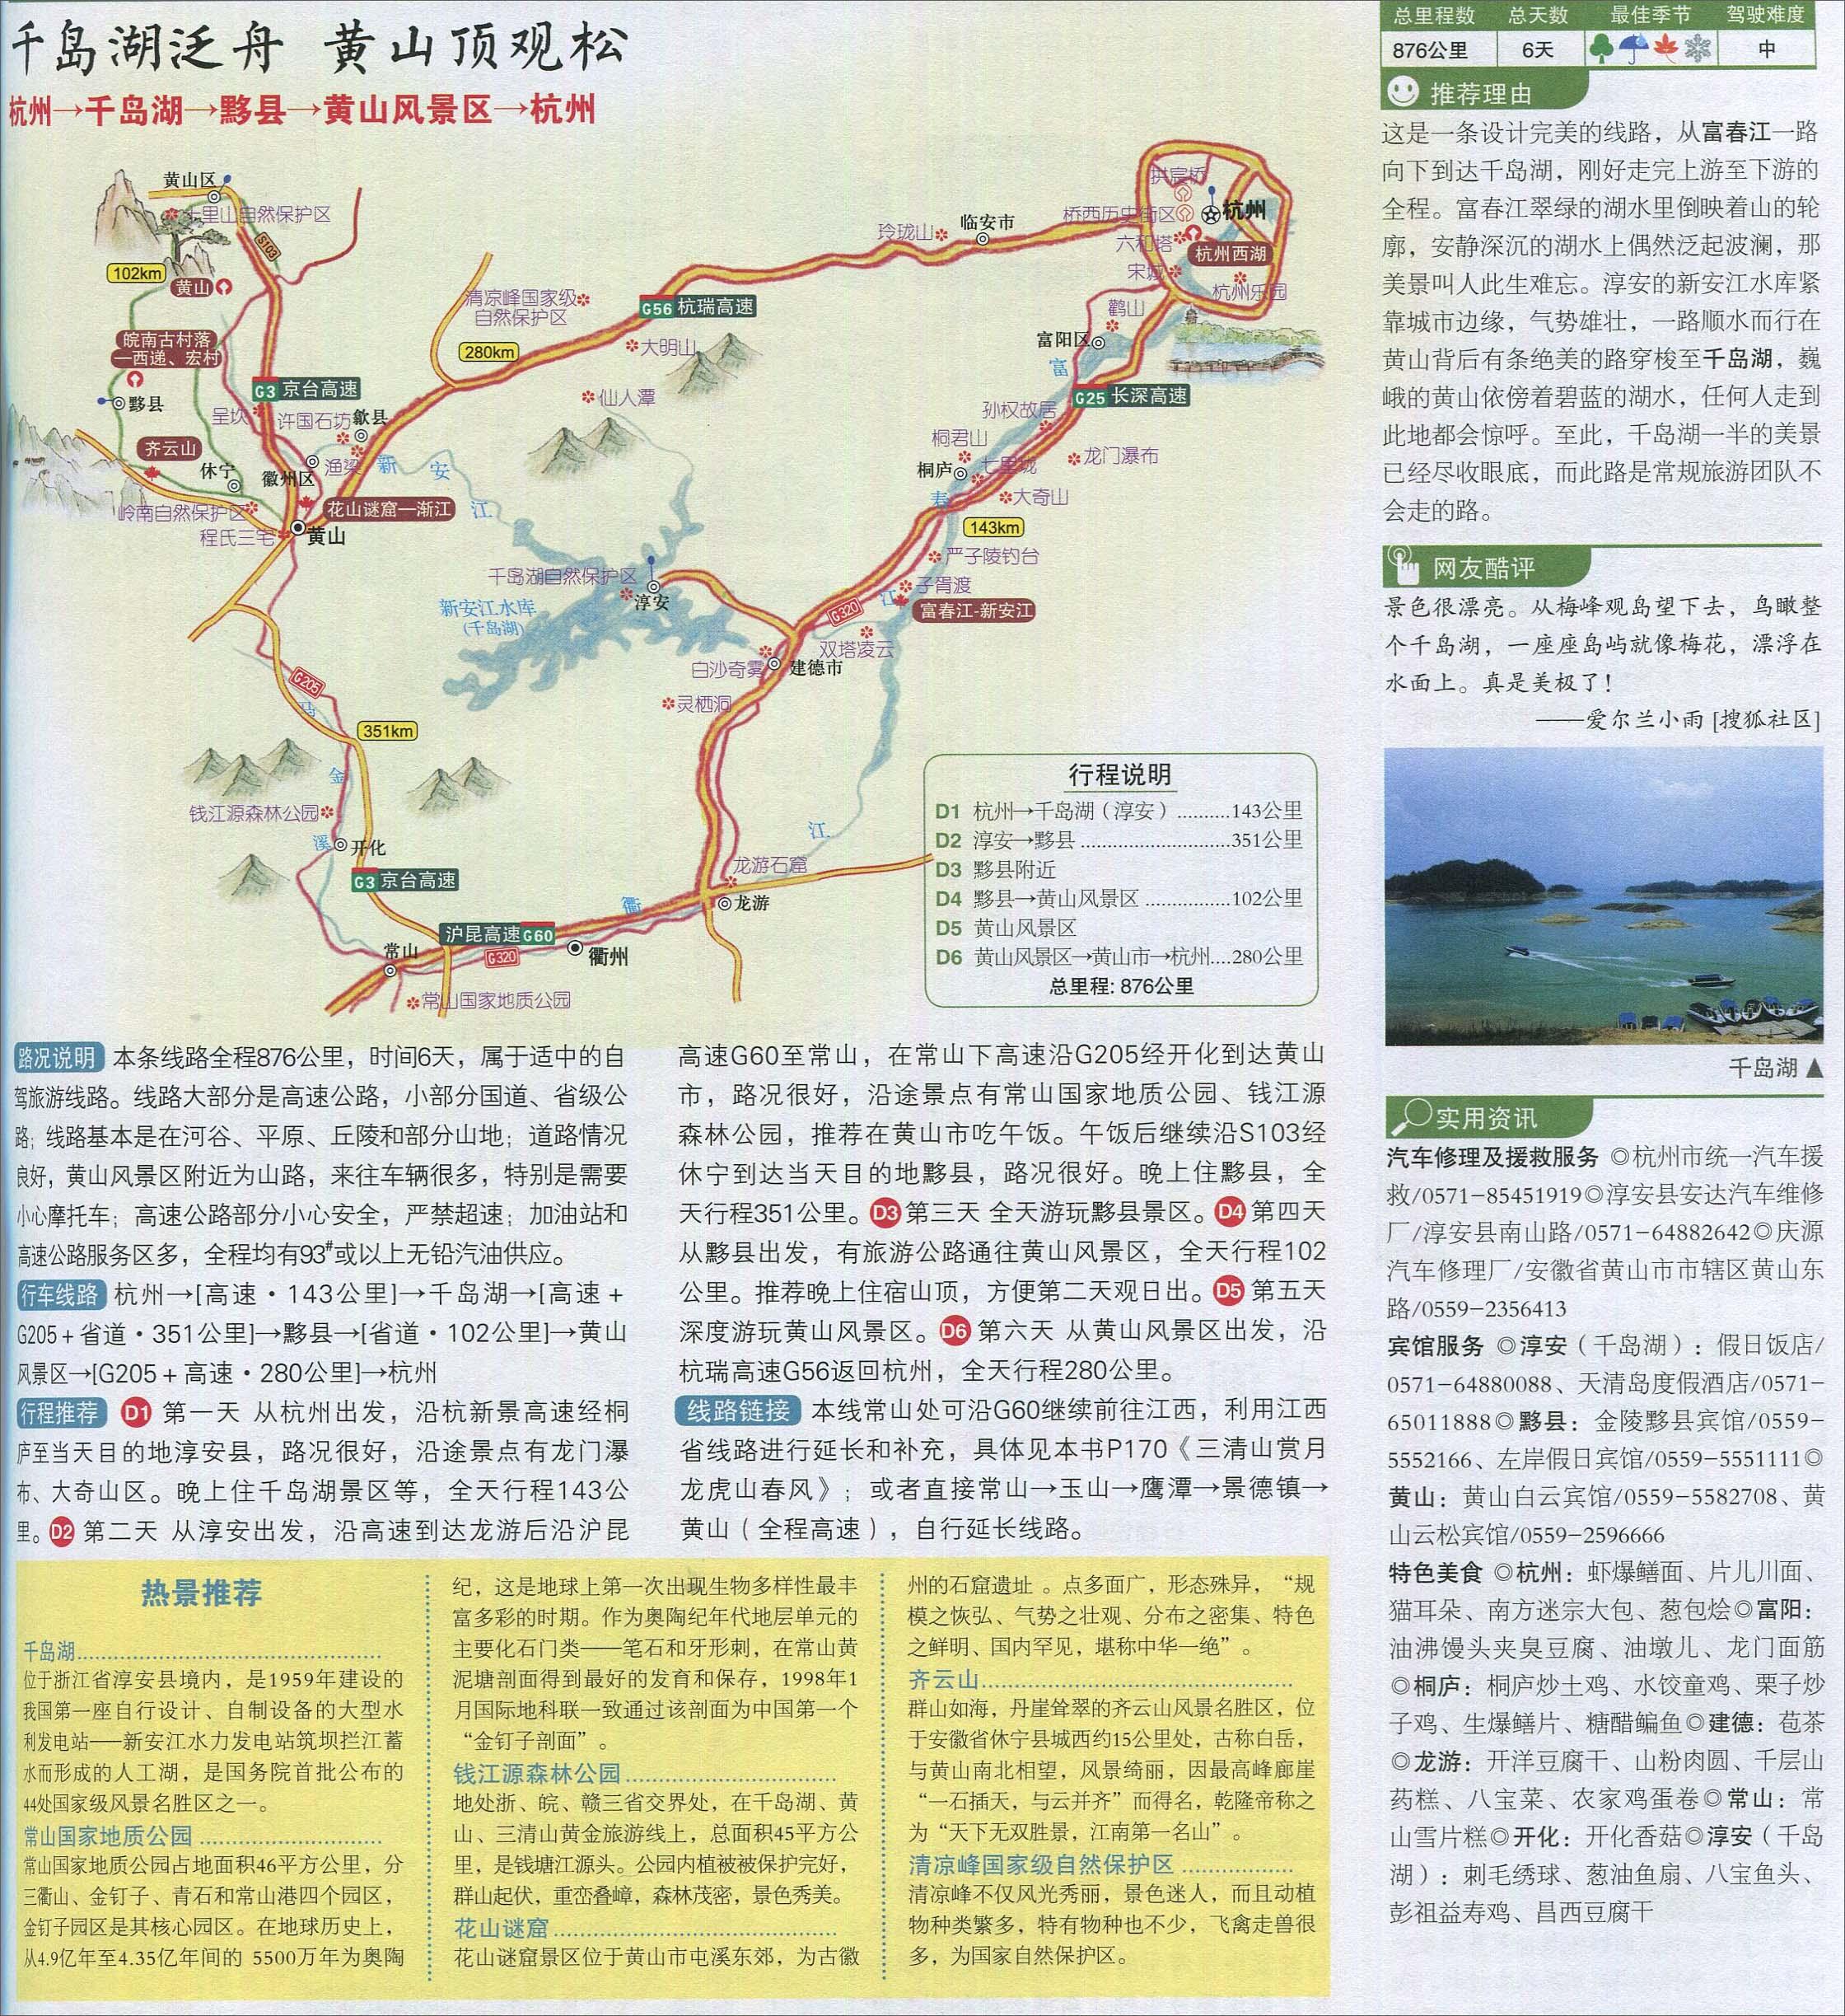 杭州至黟县自驾游路线图